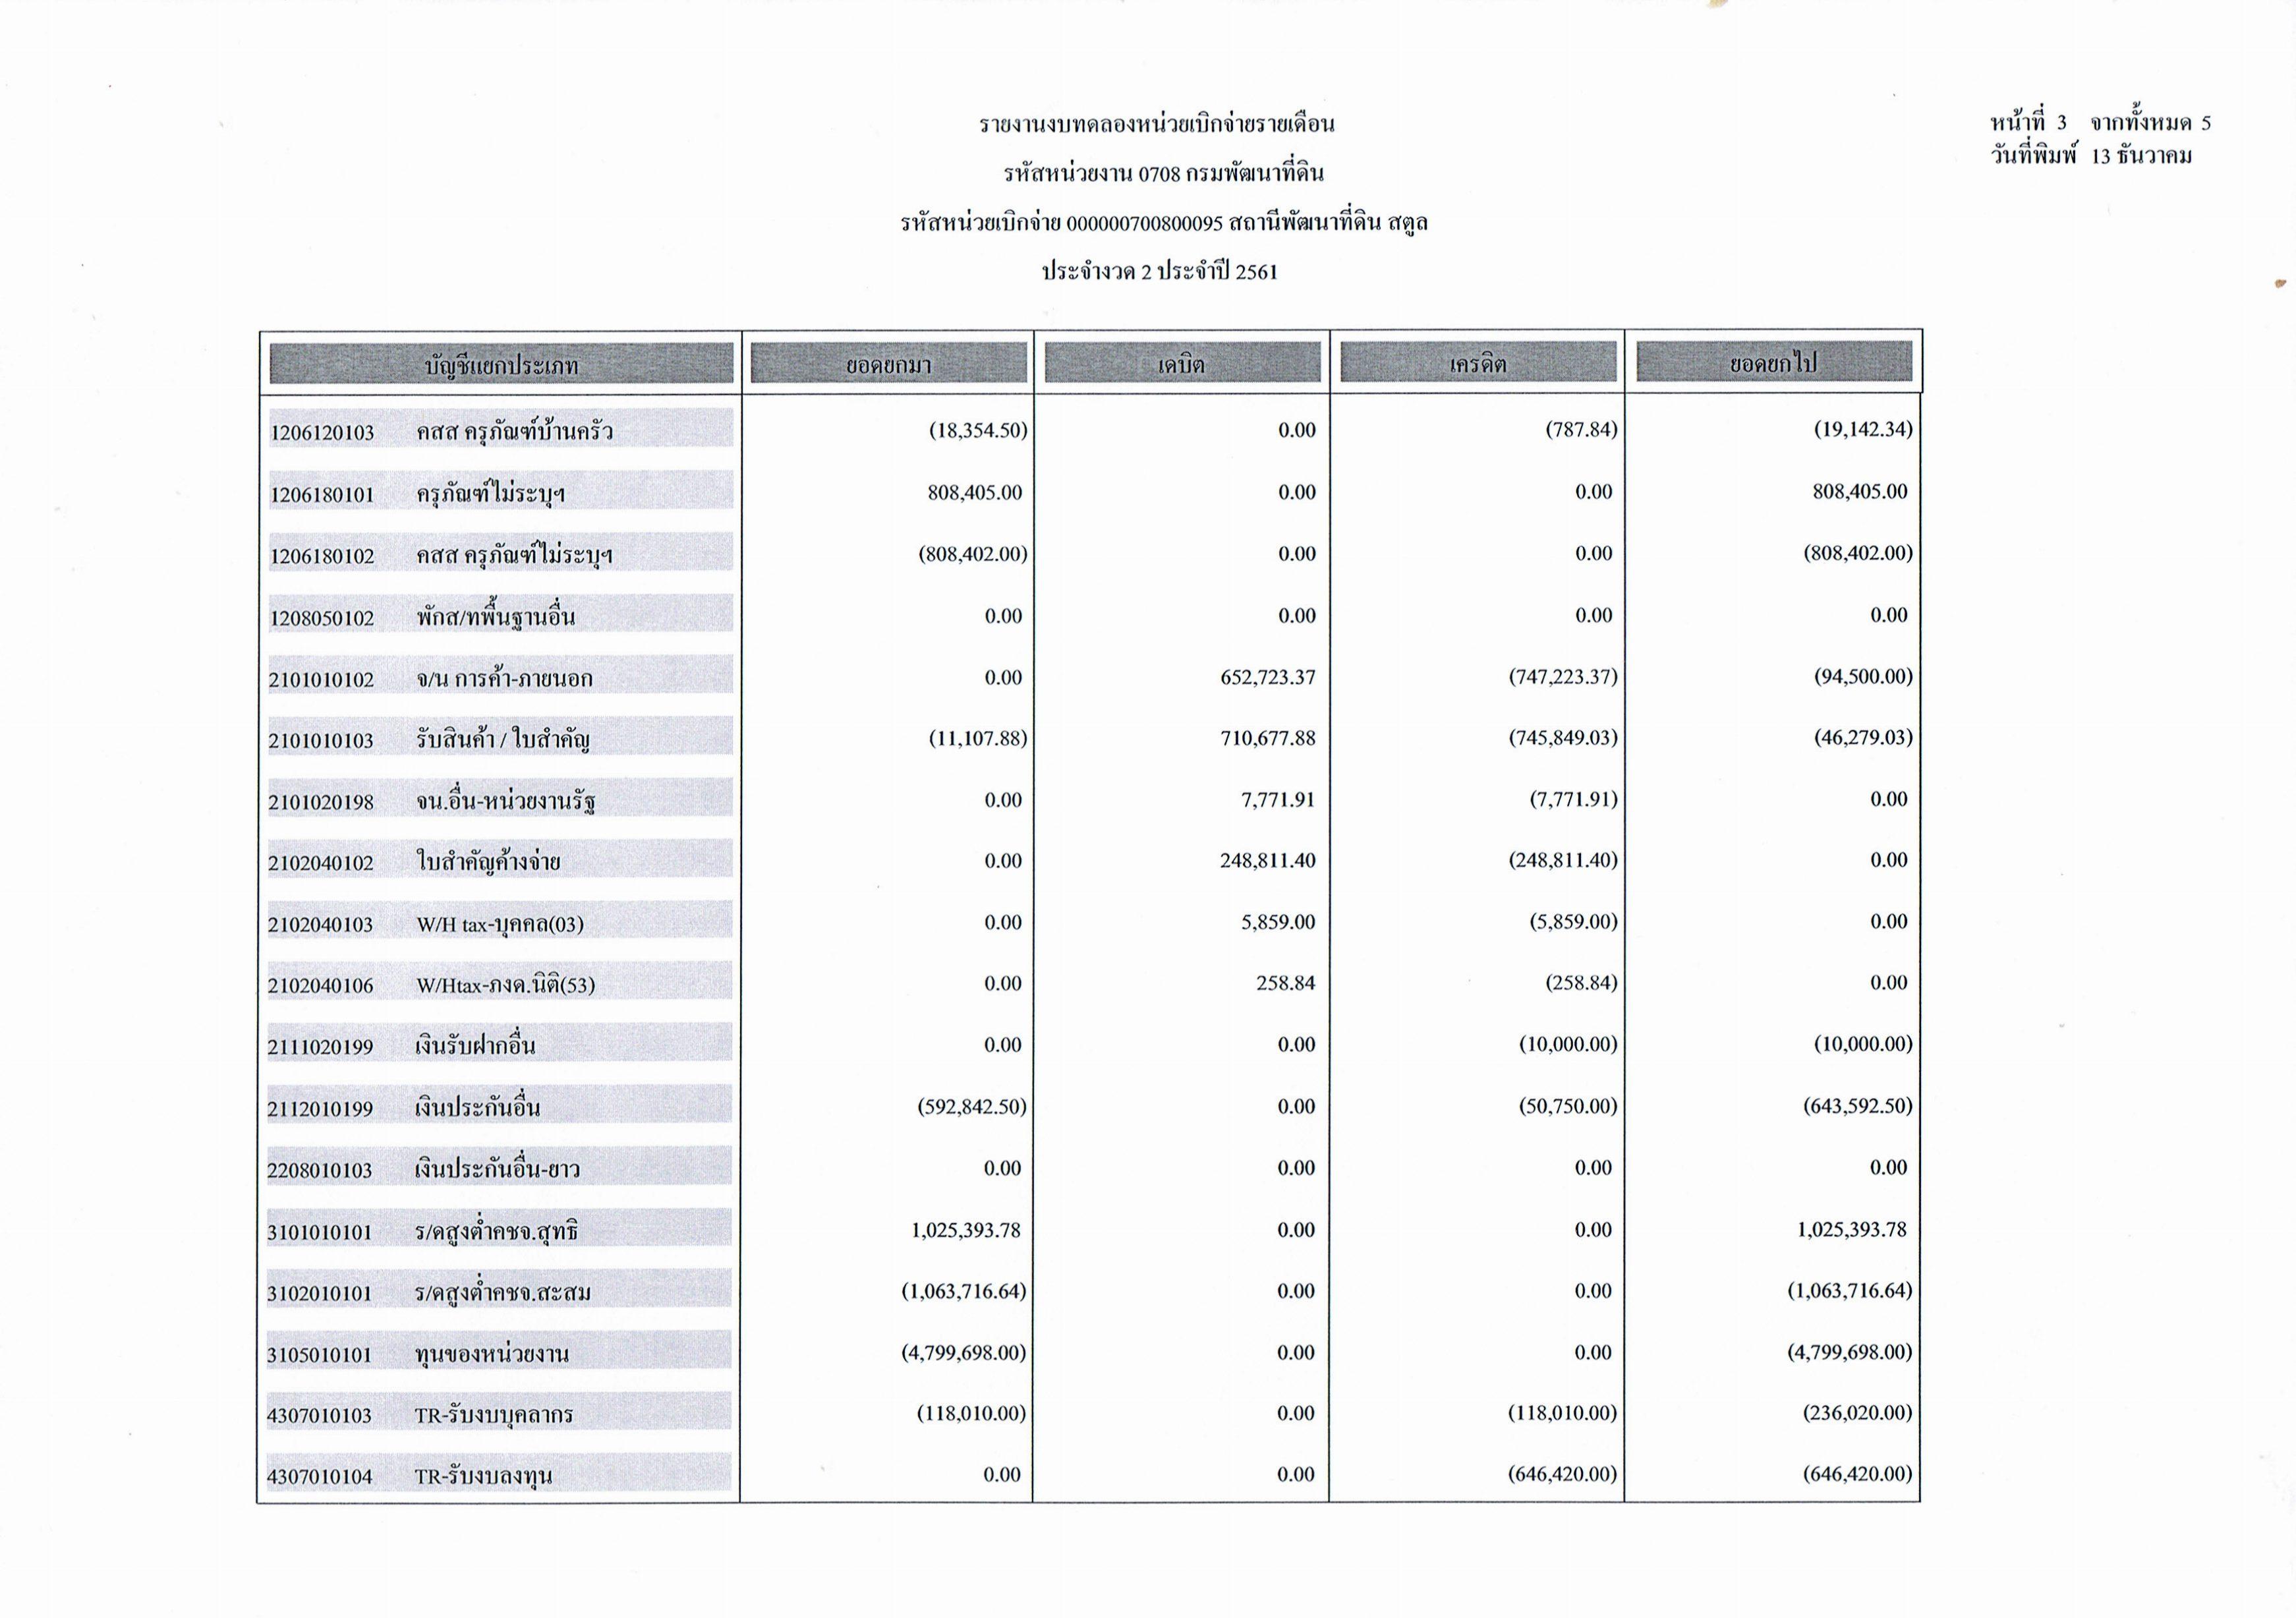 รายงานงบทดลองหน่วยเบิกจ่ายรายเดือน ประจำงวดที่ 2 ประจำปี 2561 หน้า 3